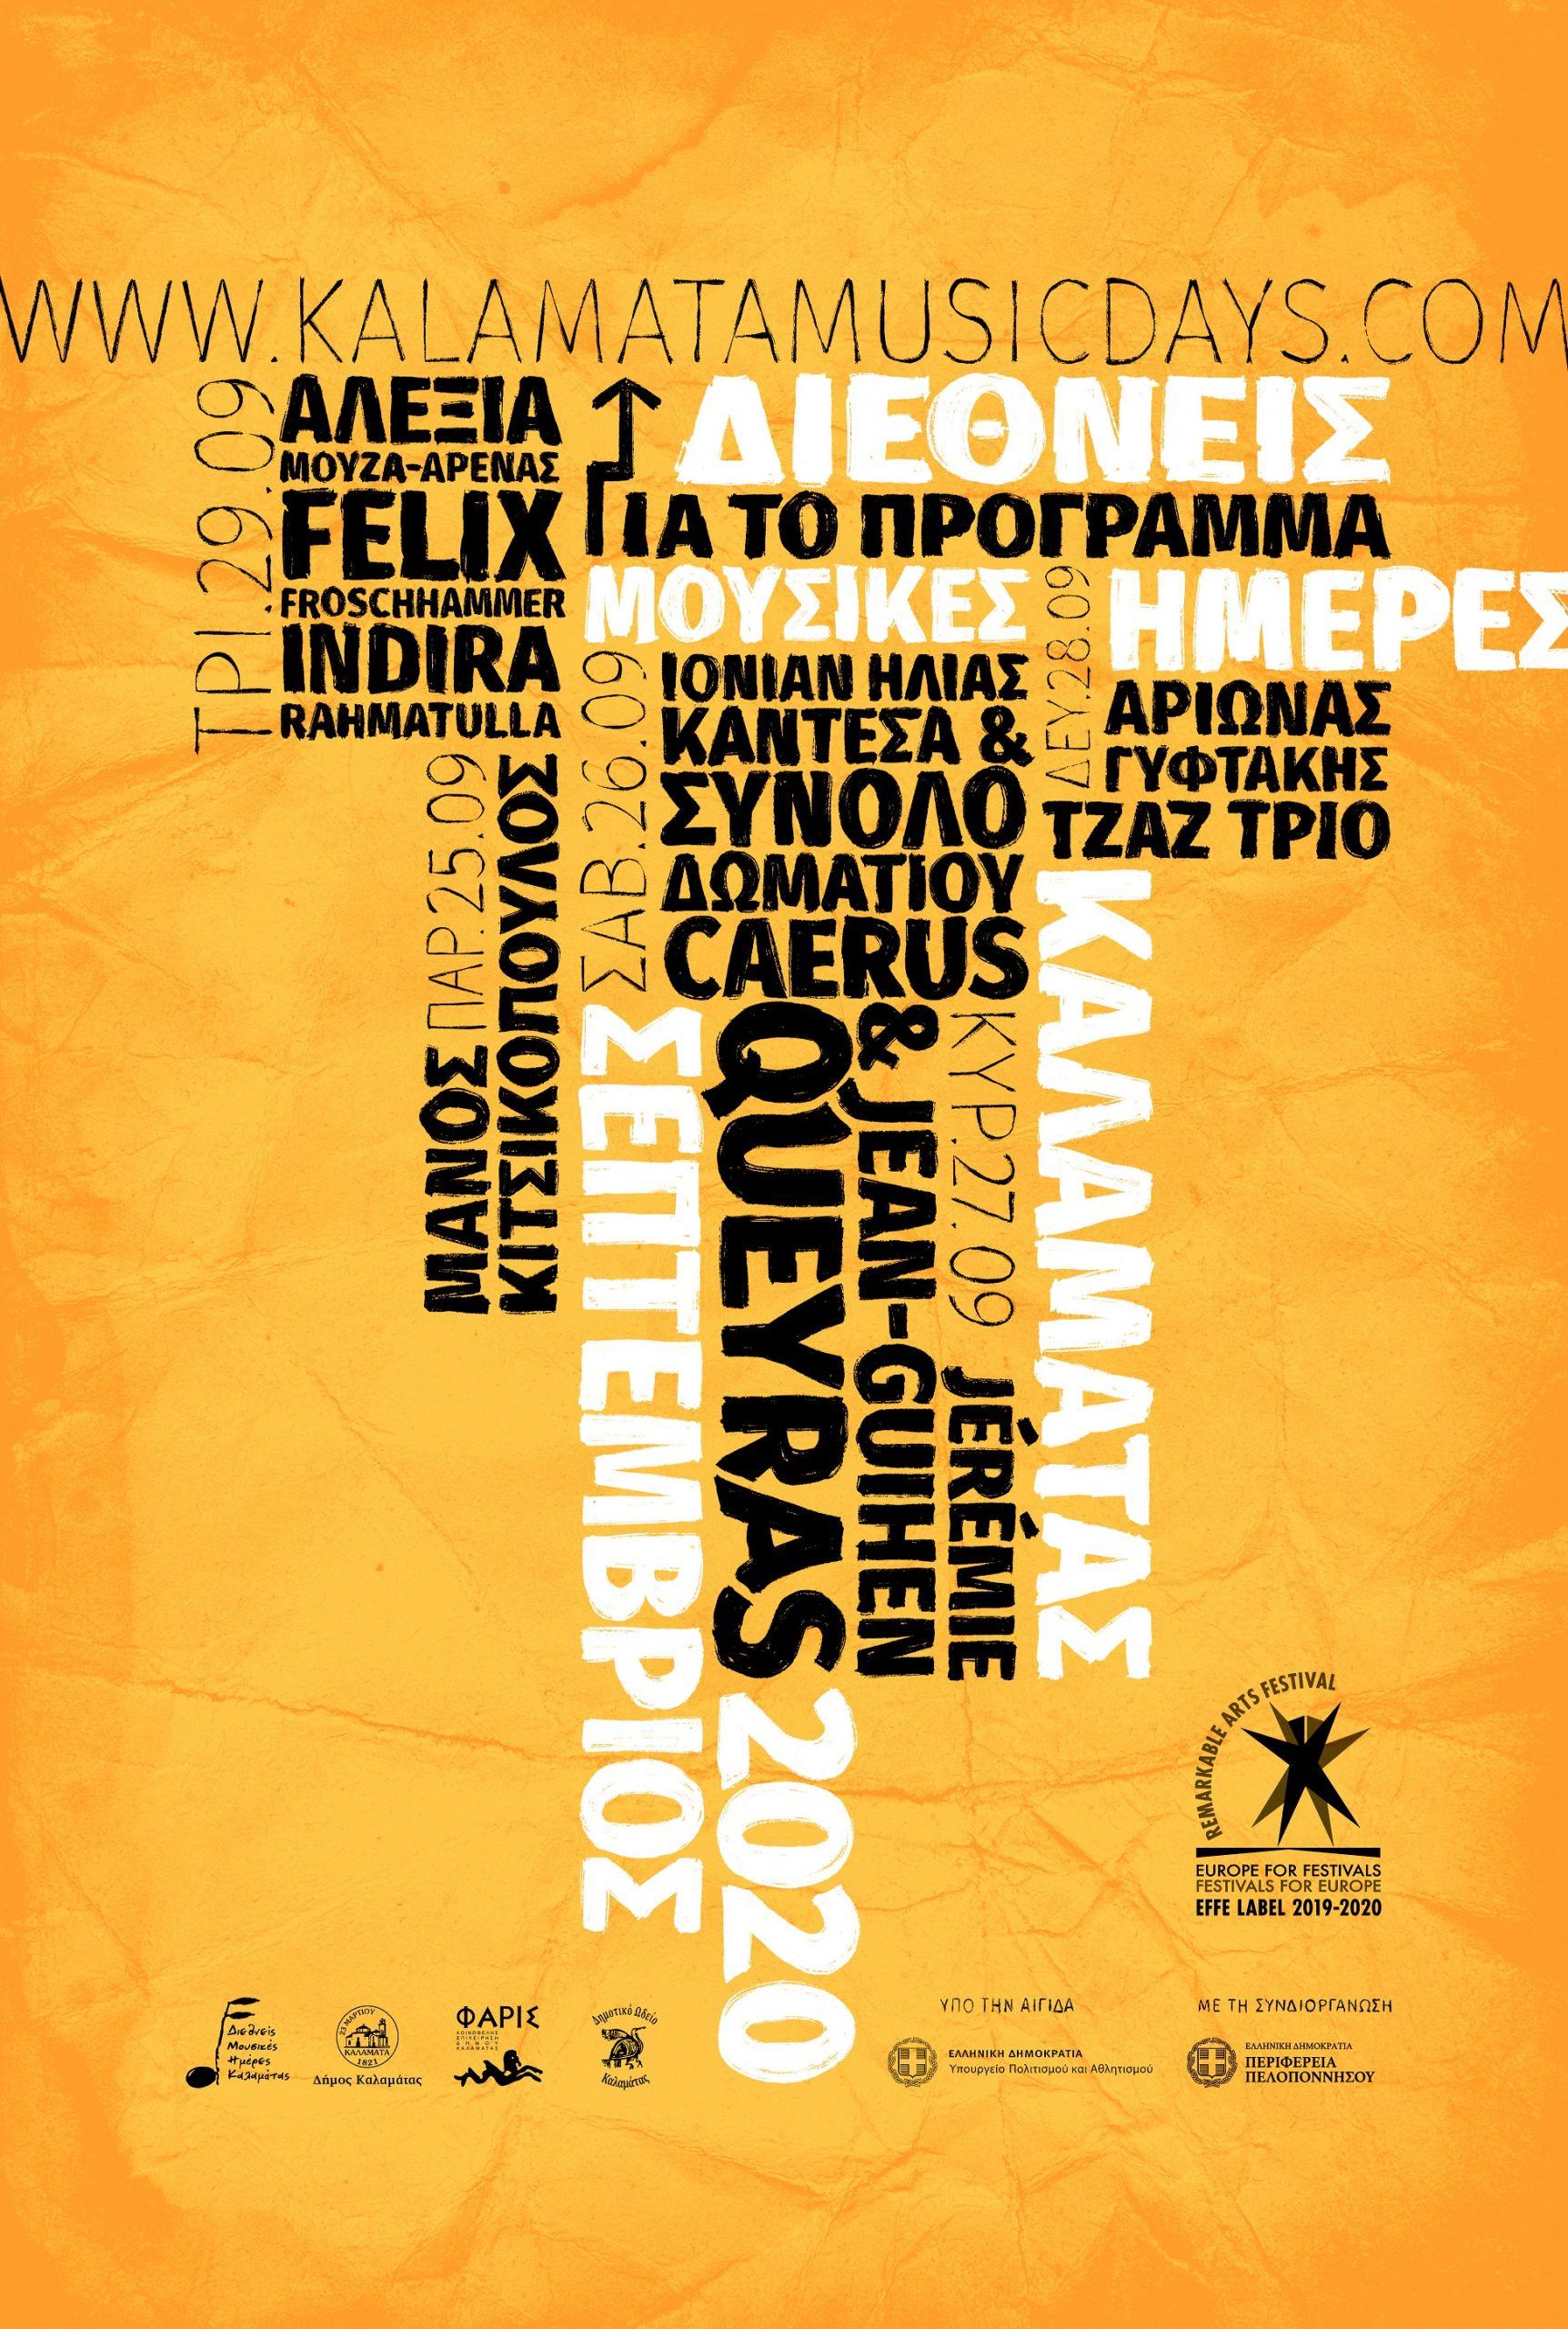 Η αφίσα για τις Διεθνείς Μουσικές Ημέρες Καλαμάτας 2020